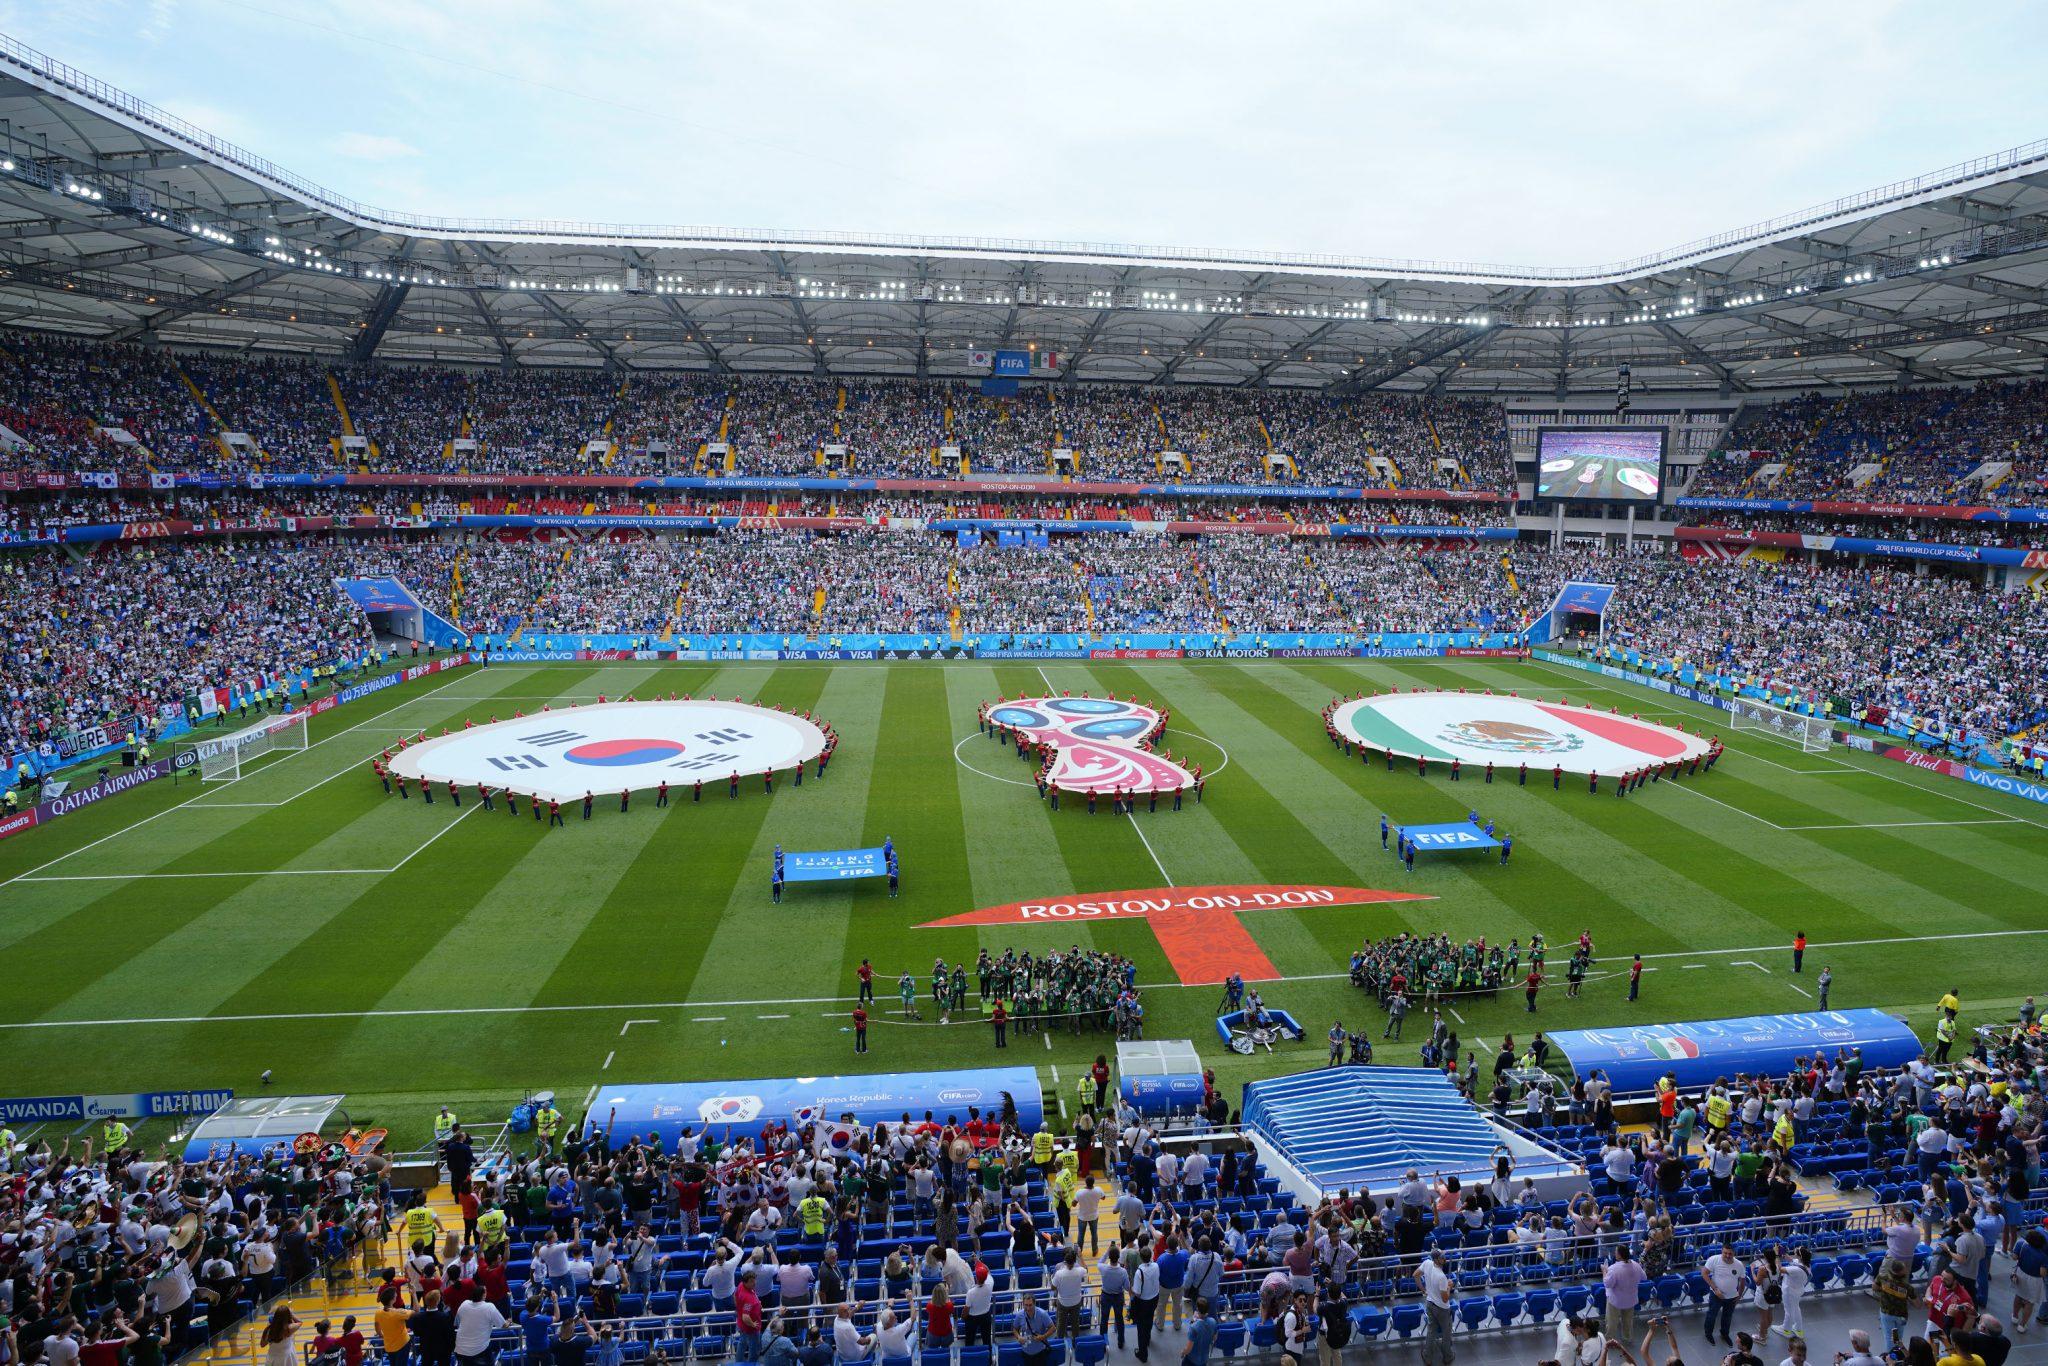 Selección Nacional de México  Copa Mundial de la FIFA Rusia 2018 Jornada 2  Sábado 23 de junio de 2018 República de Corea 1-2 México Estadio  Rostov  Arena ... 69ef60ab05e27